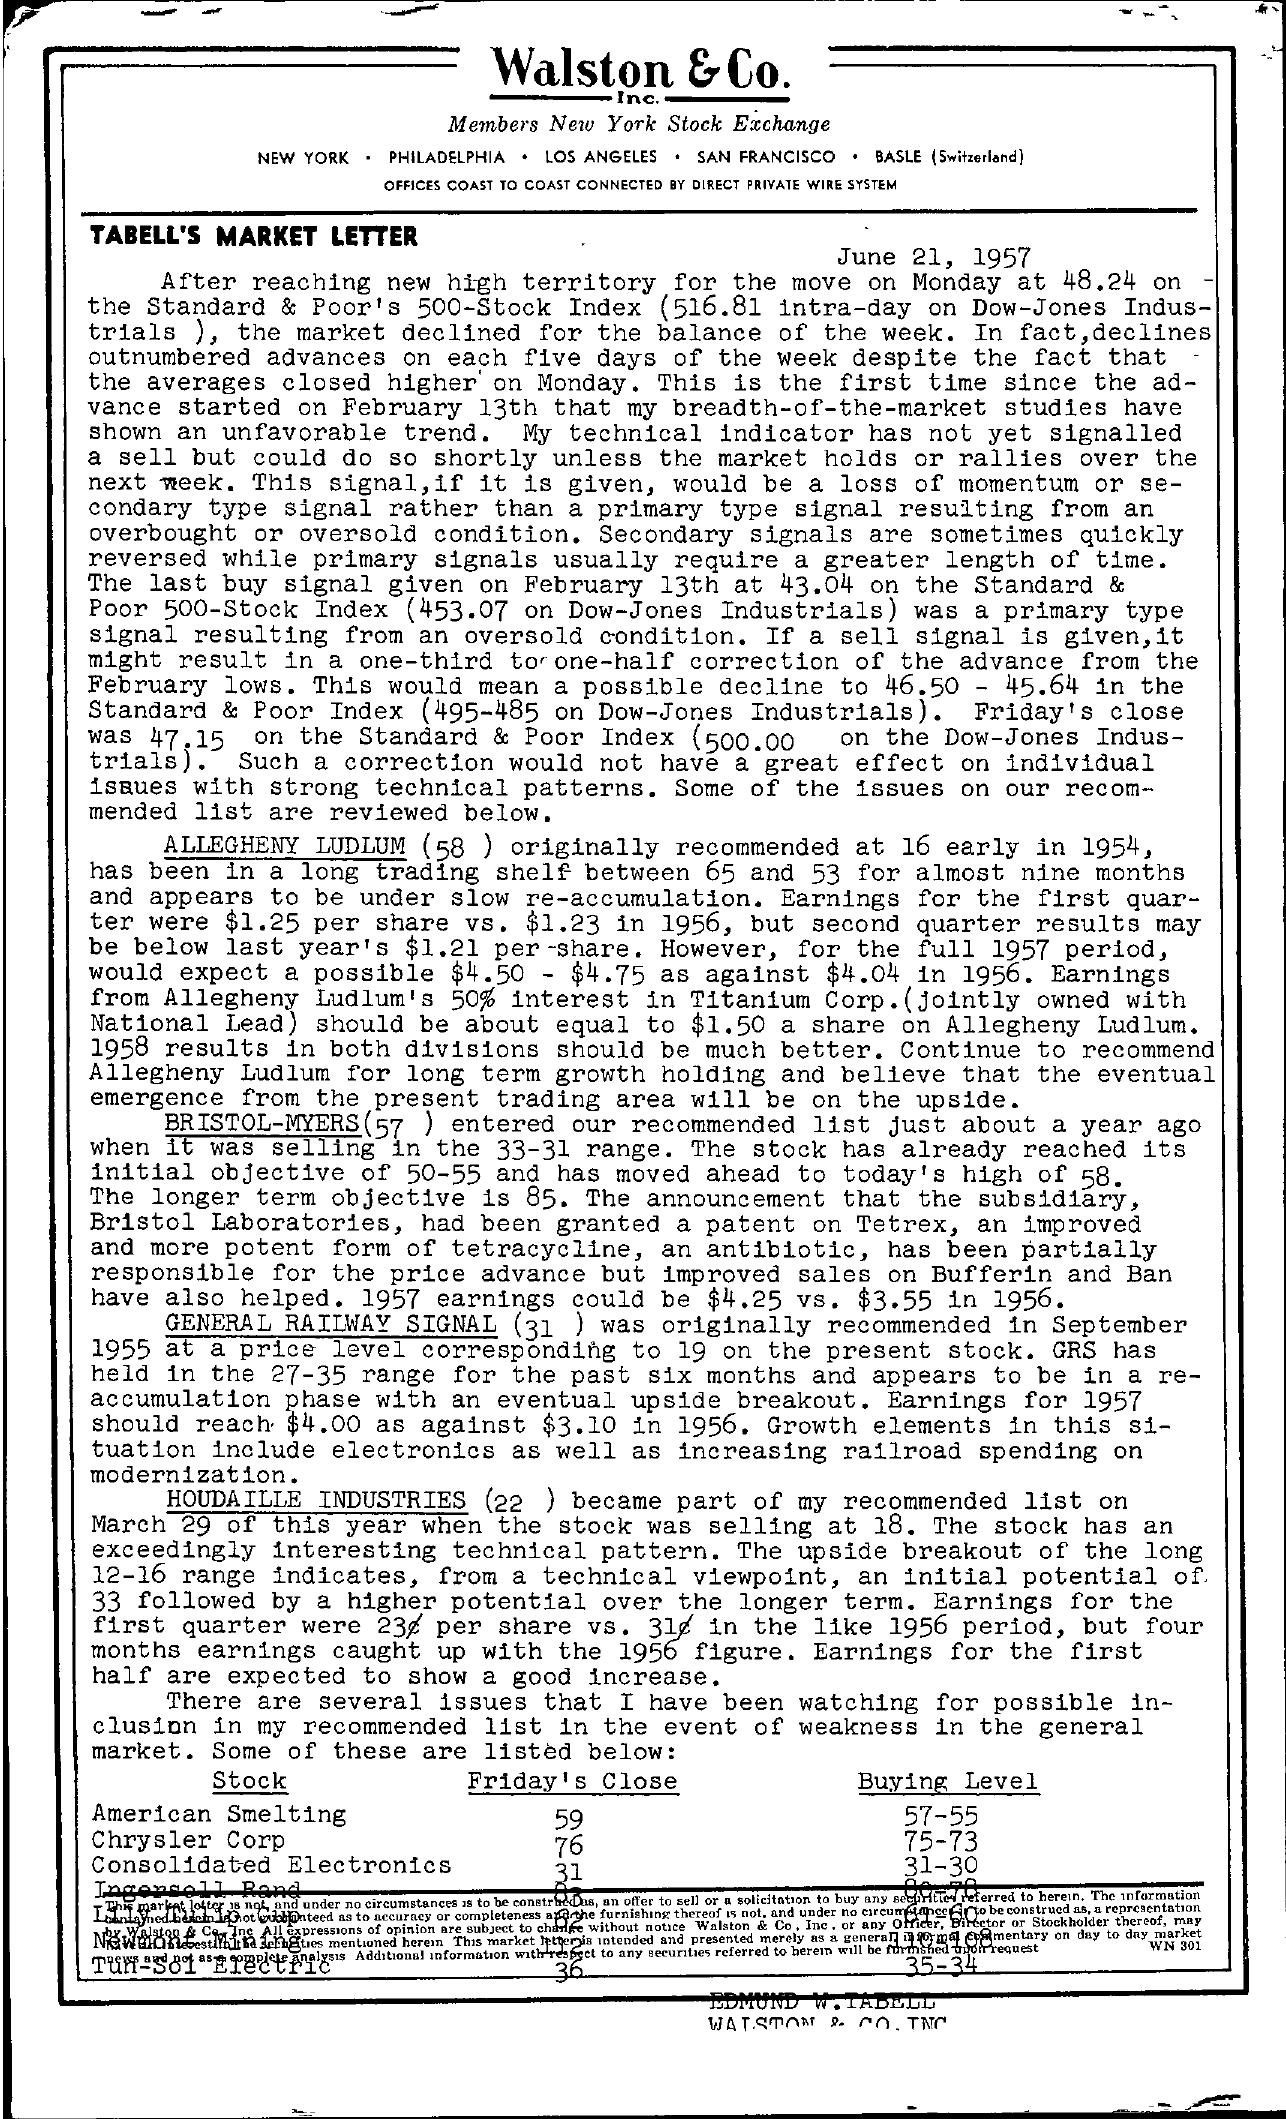 Tabell's Market Letter - June 21, 1957